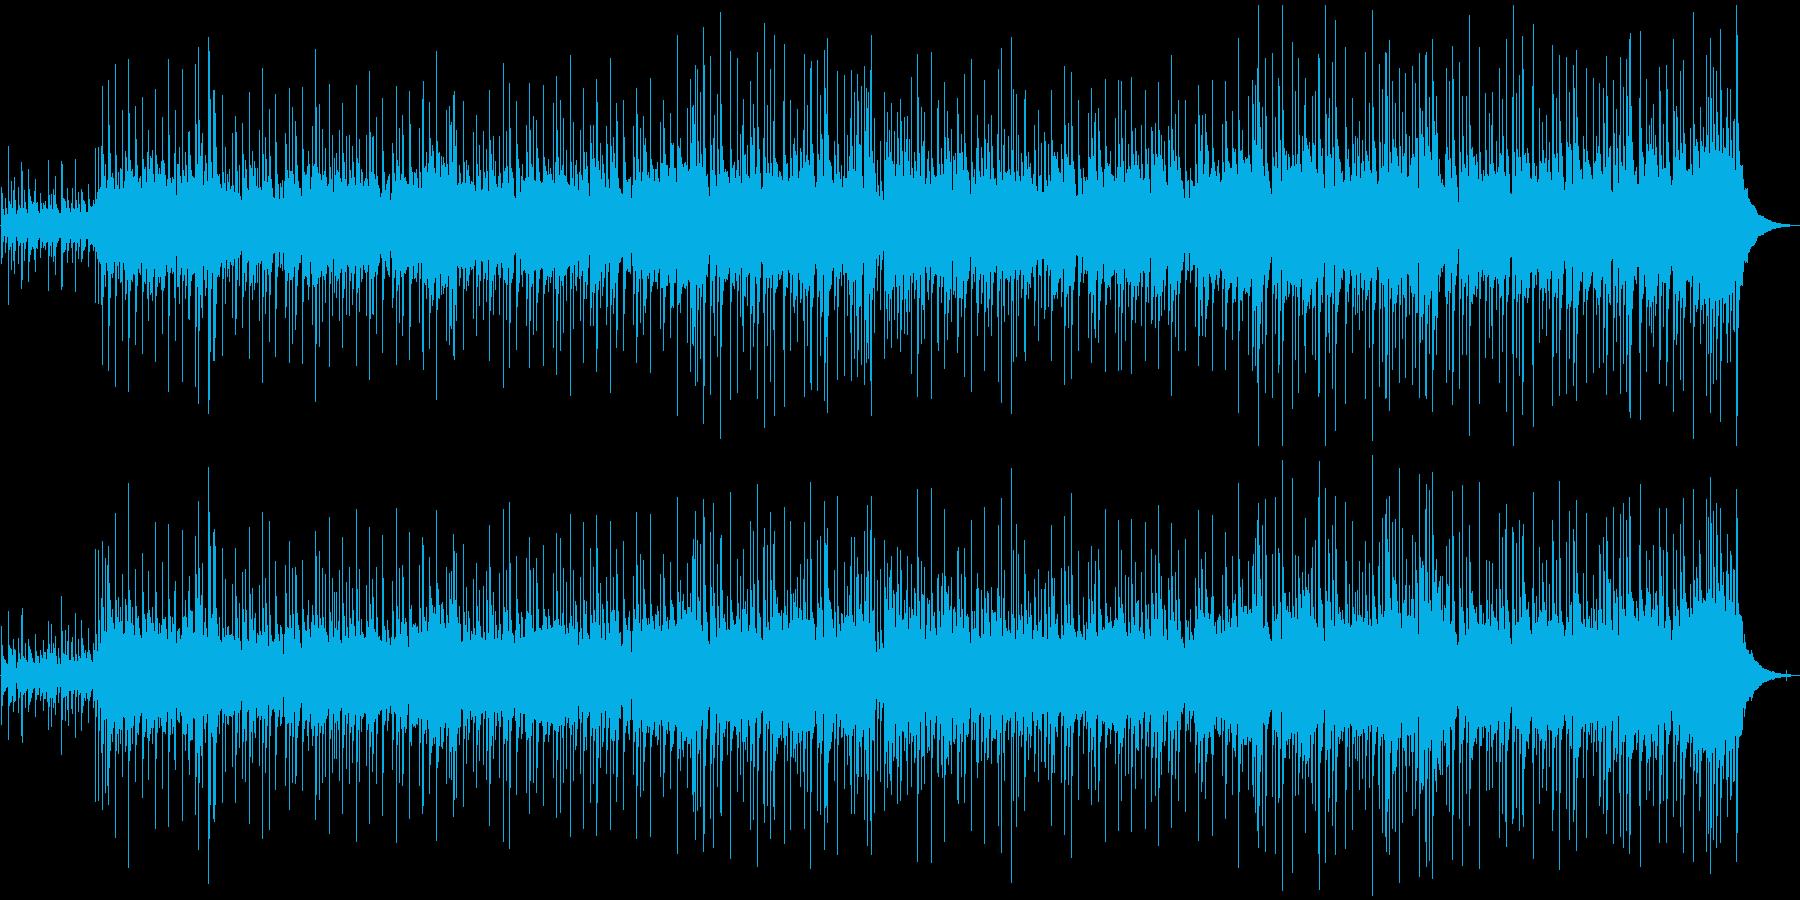 軽快で優しいアコースティックBGMの再生済みの波形